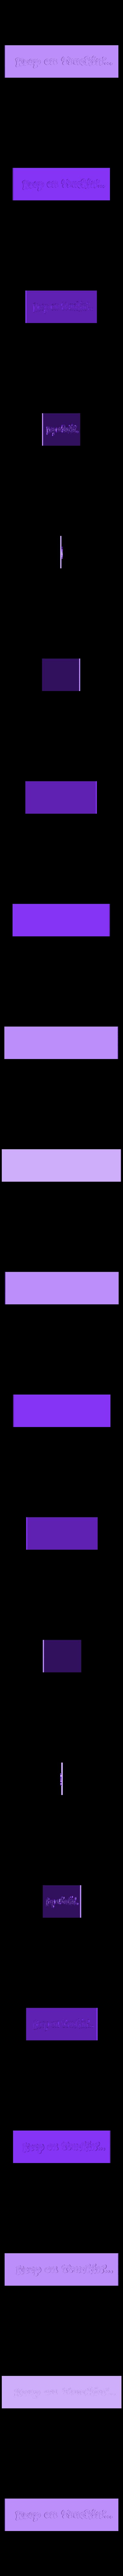 Truckin.stl Download free STL file Mr. Natural -  R Crumb • 3D printer object, JayOmega